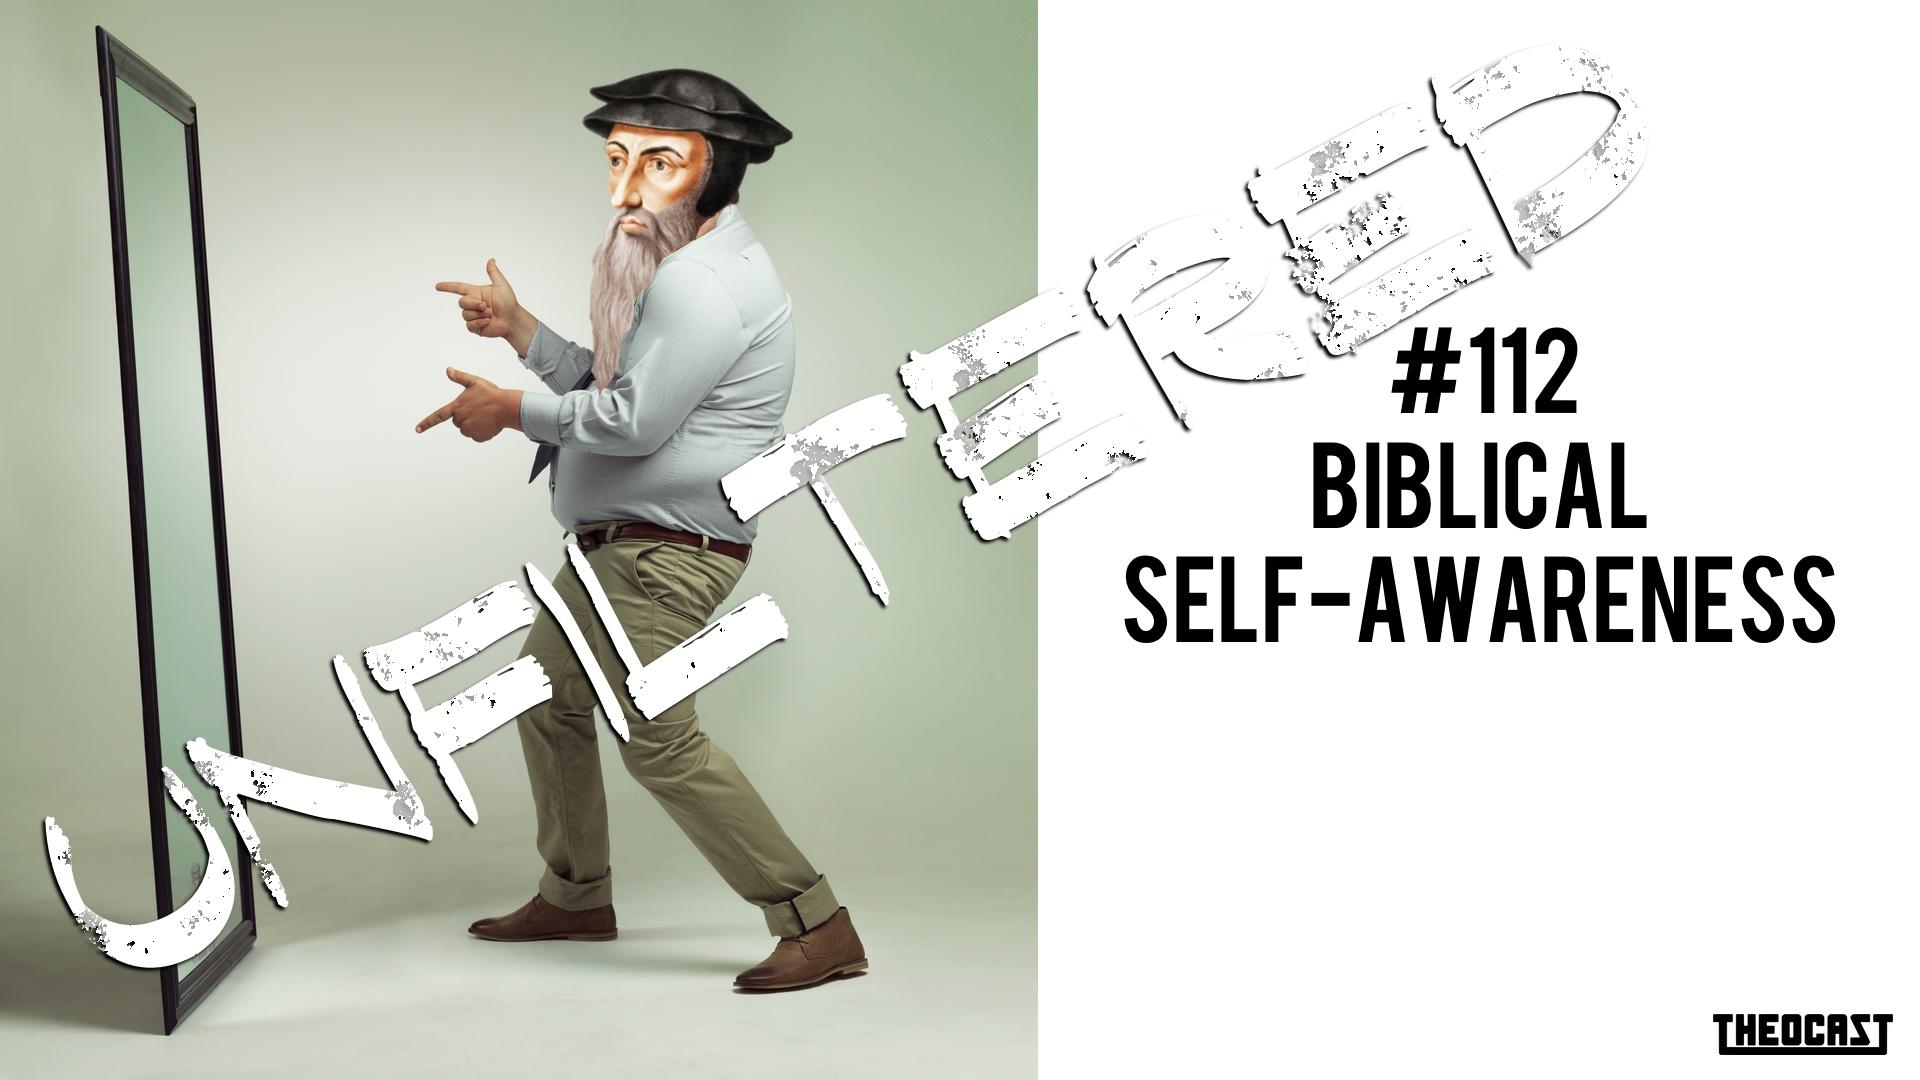 UNFILTERED #112 Biblical Self-Awareness